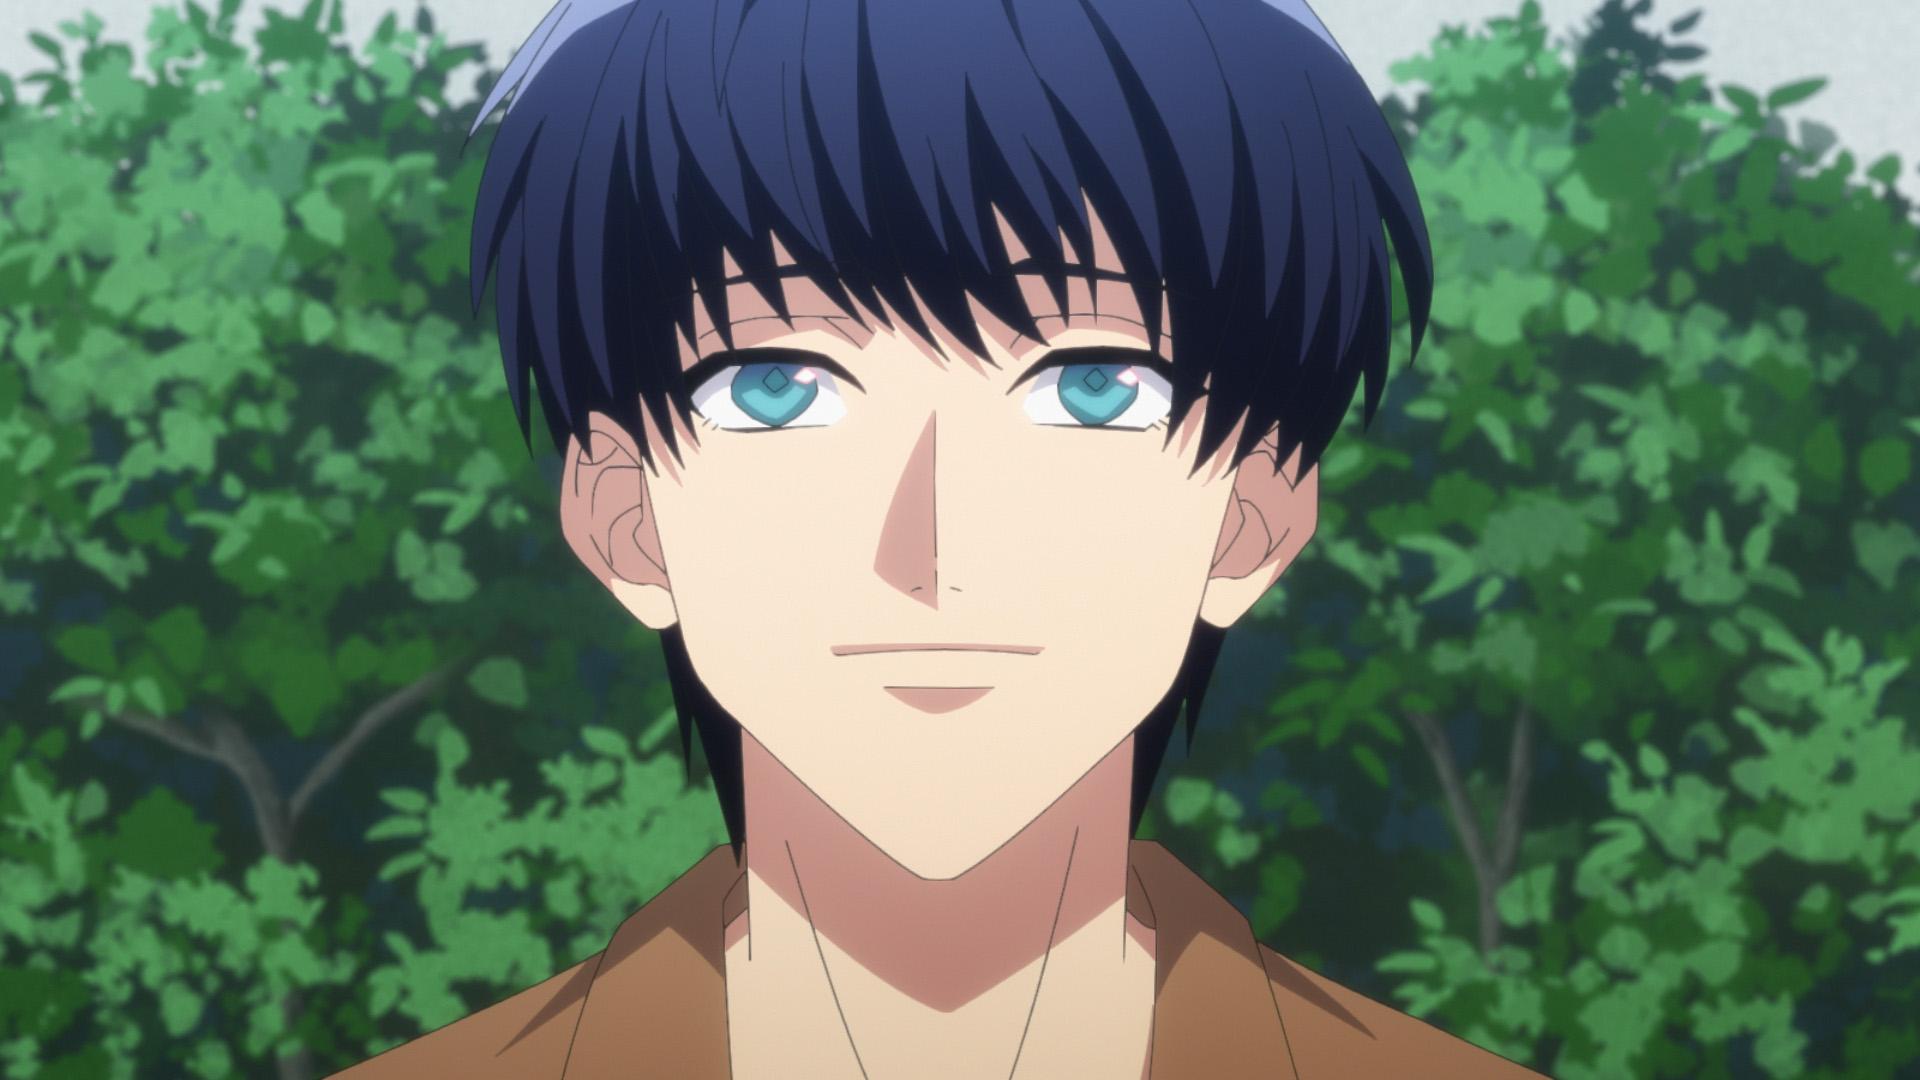 TVアニメ「A3!」第21話「責任と覚悟」あらすじ&先行カット到着!紬と丞に起こった不思議な出来事とは?